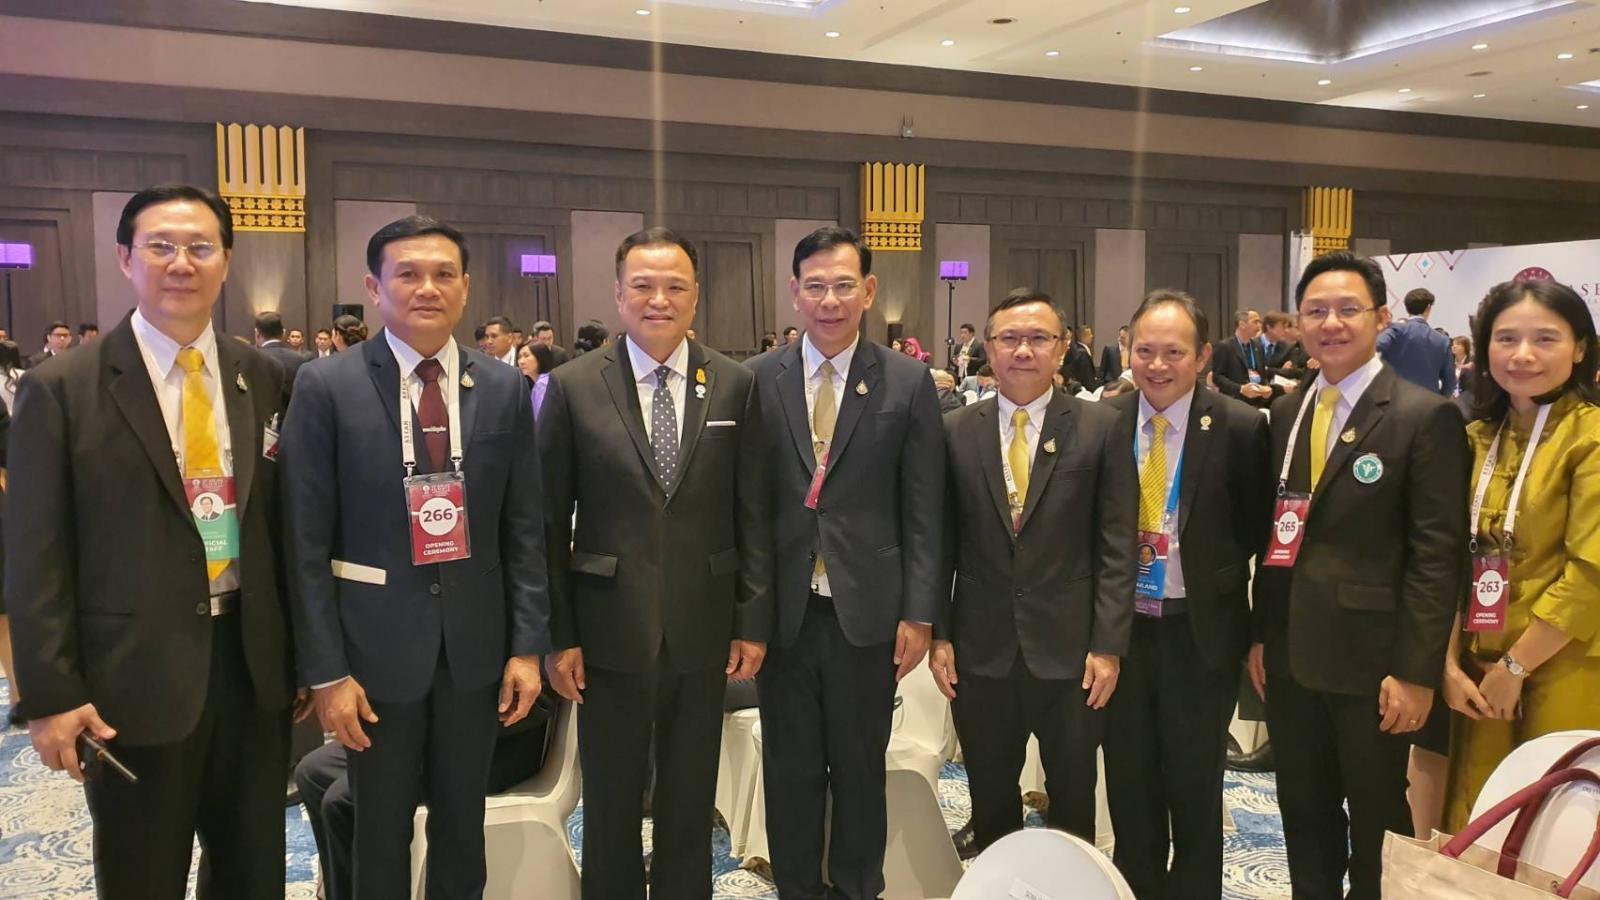 ไทยเปิดศูนย์อาเซียนผู้สูงอายุ ในการประชุมสุดยอดผู้นำฯ